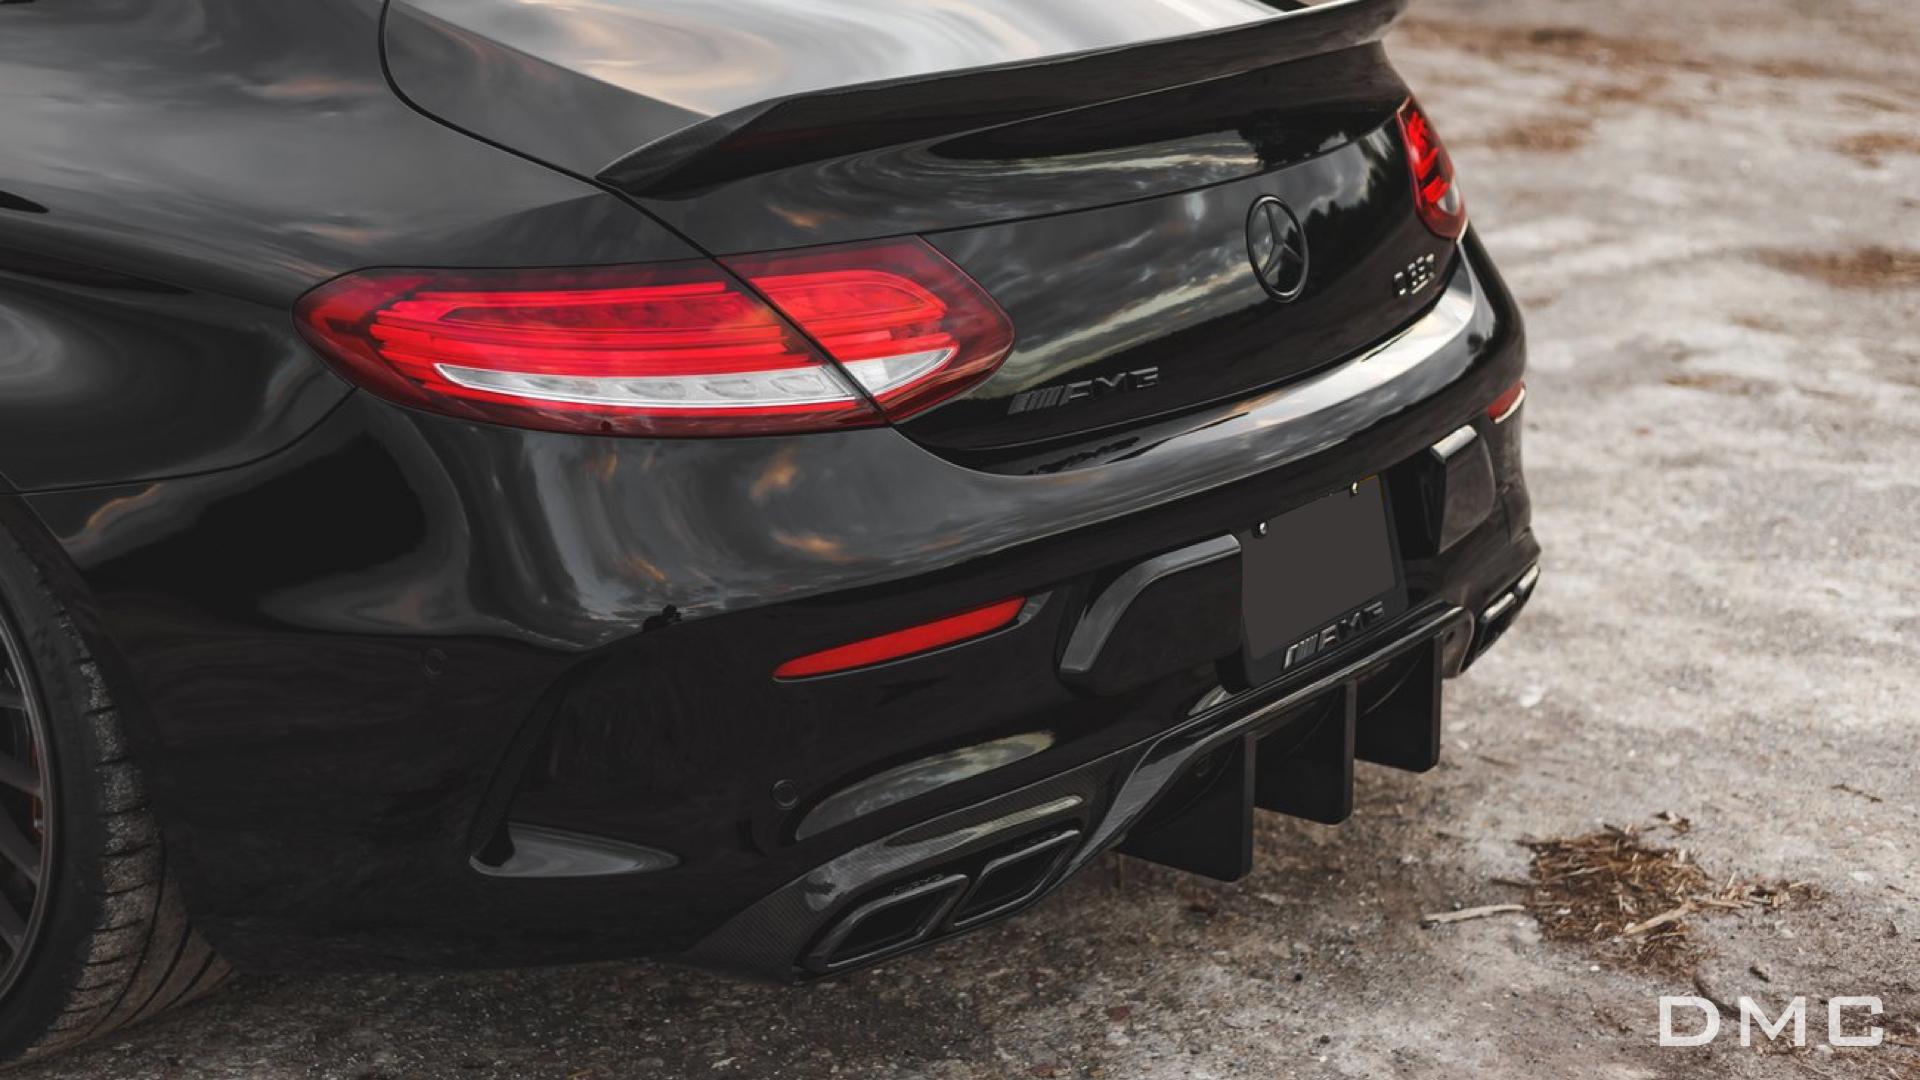 Mercedes Benz C Coupe W205 Amg C63 Carbon Fiber Rear Diffuser Gt Dtm Style Dmc